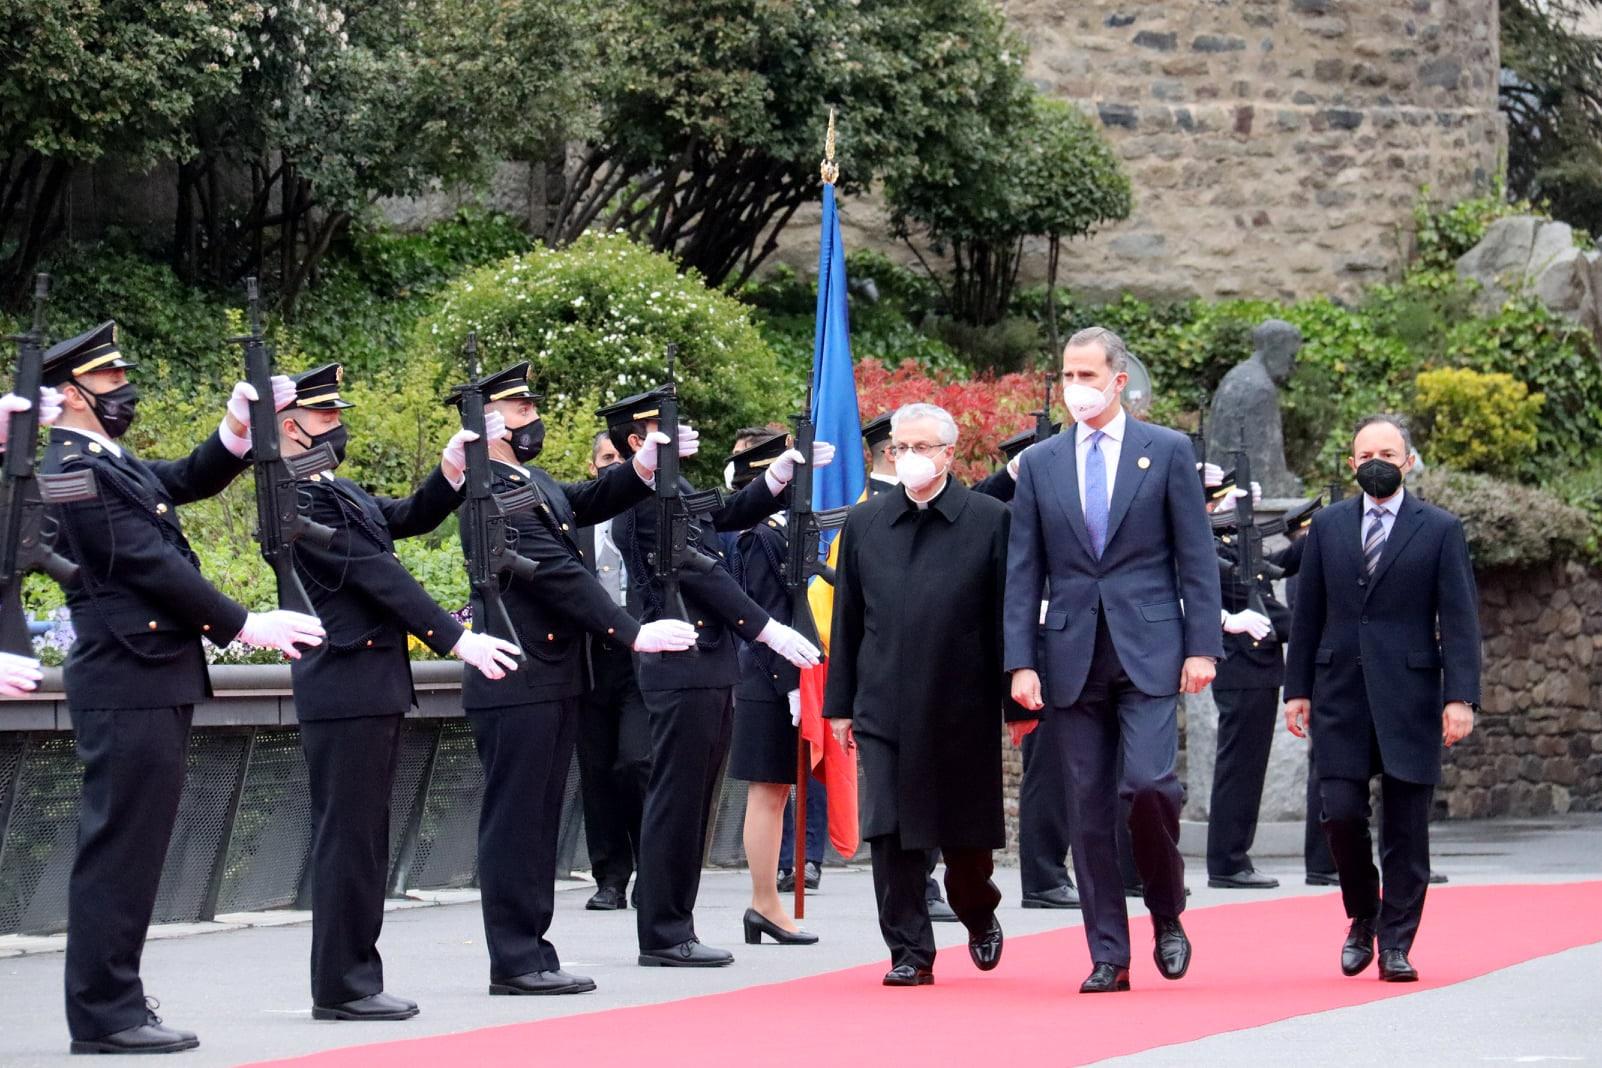 Андорра принимает короля Испании Фелипе VI в рамках Иберо-американского саммита